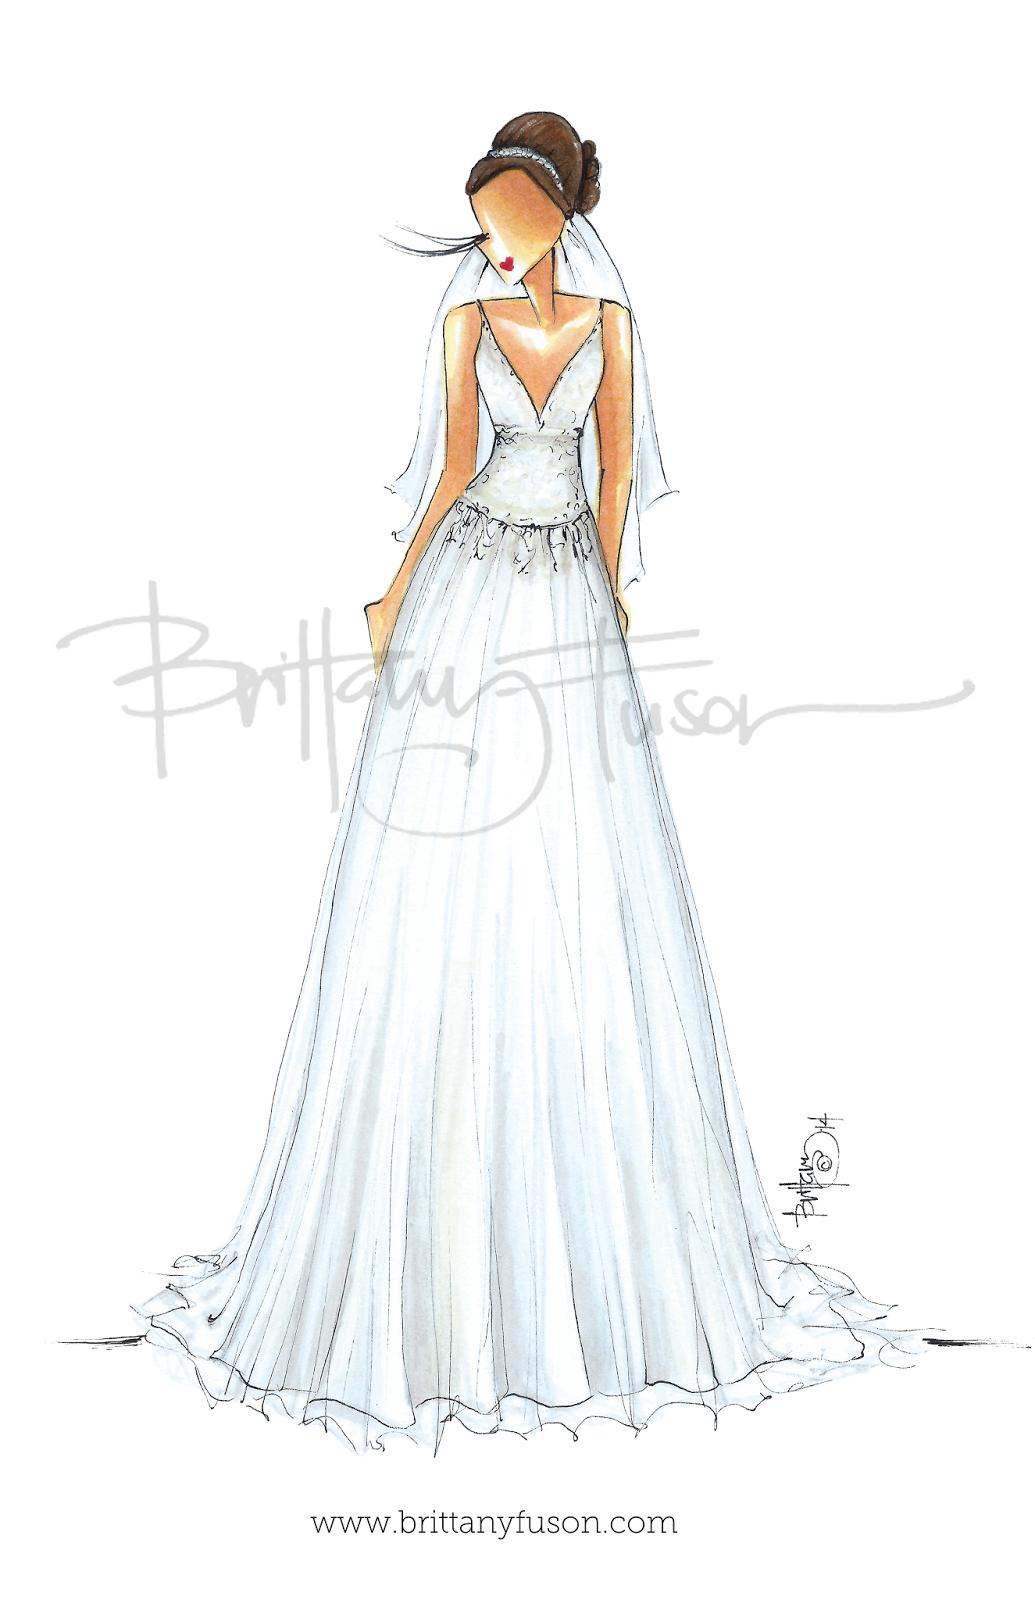 brittanyfuson-custom-bridal-illustration.png 1,035×1,600 pixels